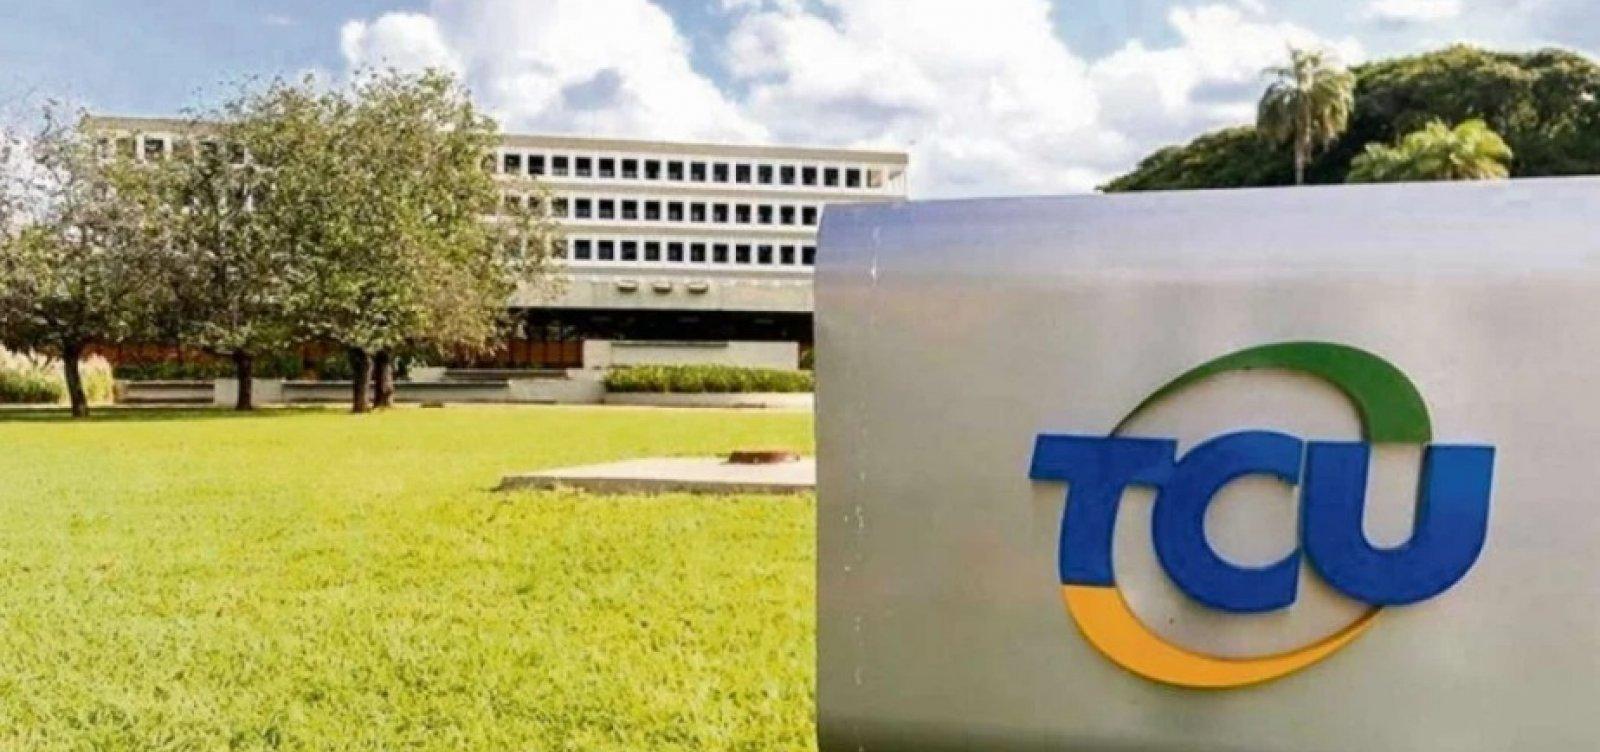 IMAGEM: Pai de auditor do TCU que fez 'relatório paralelo' é militar e amigo de Bolsonaro